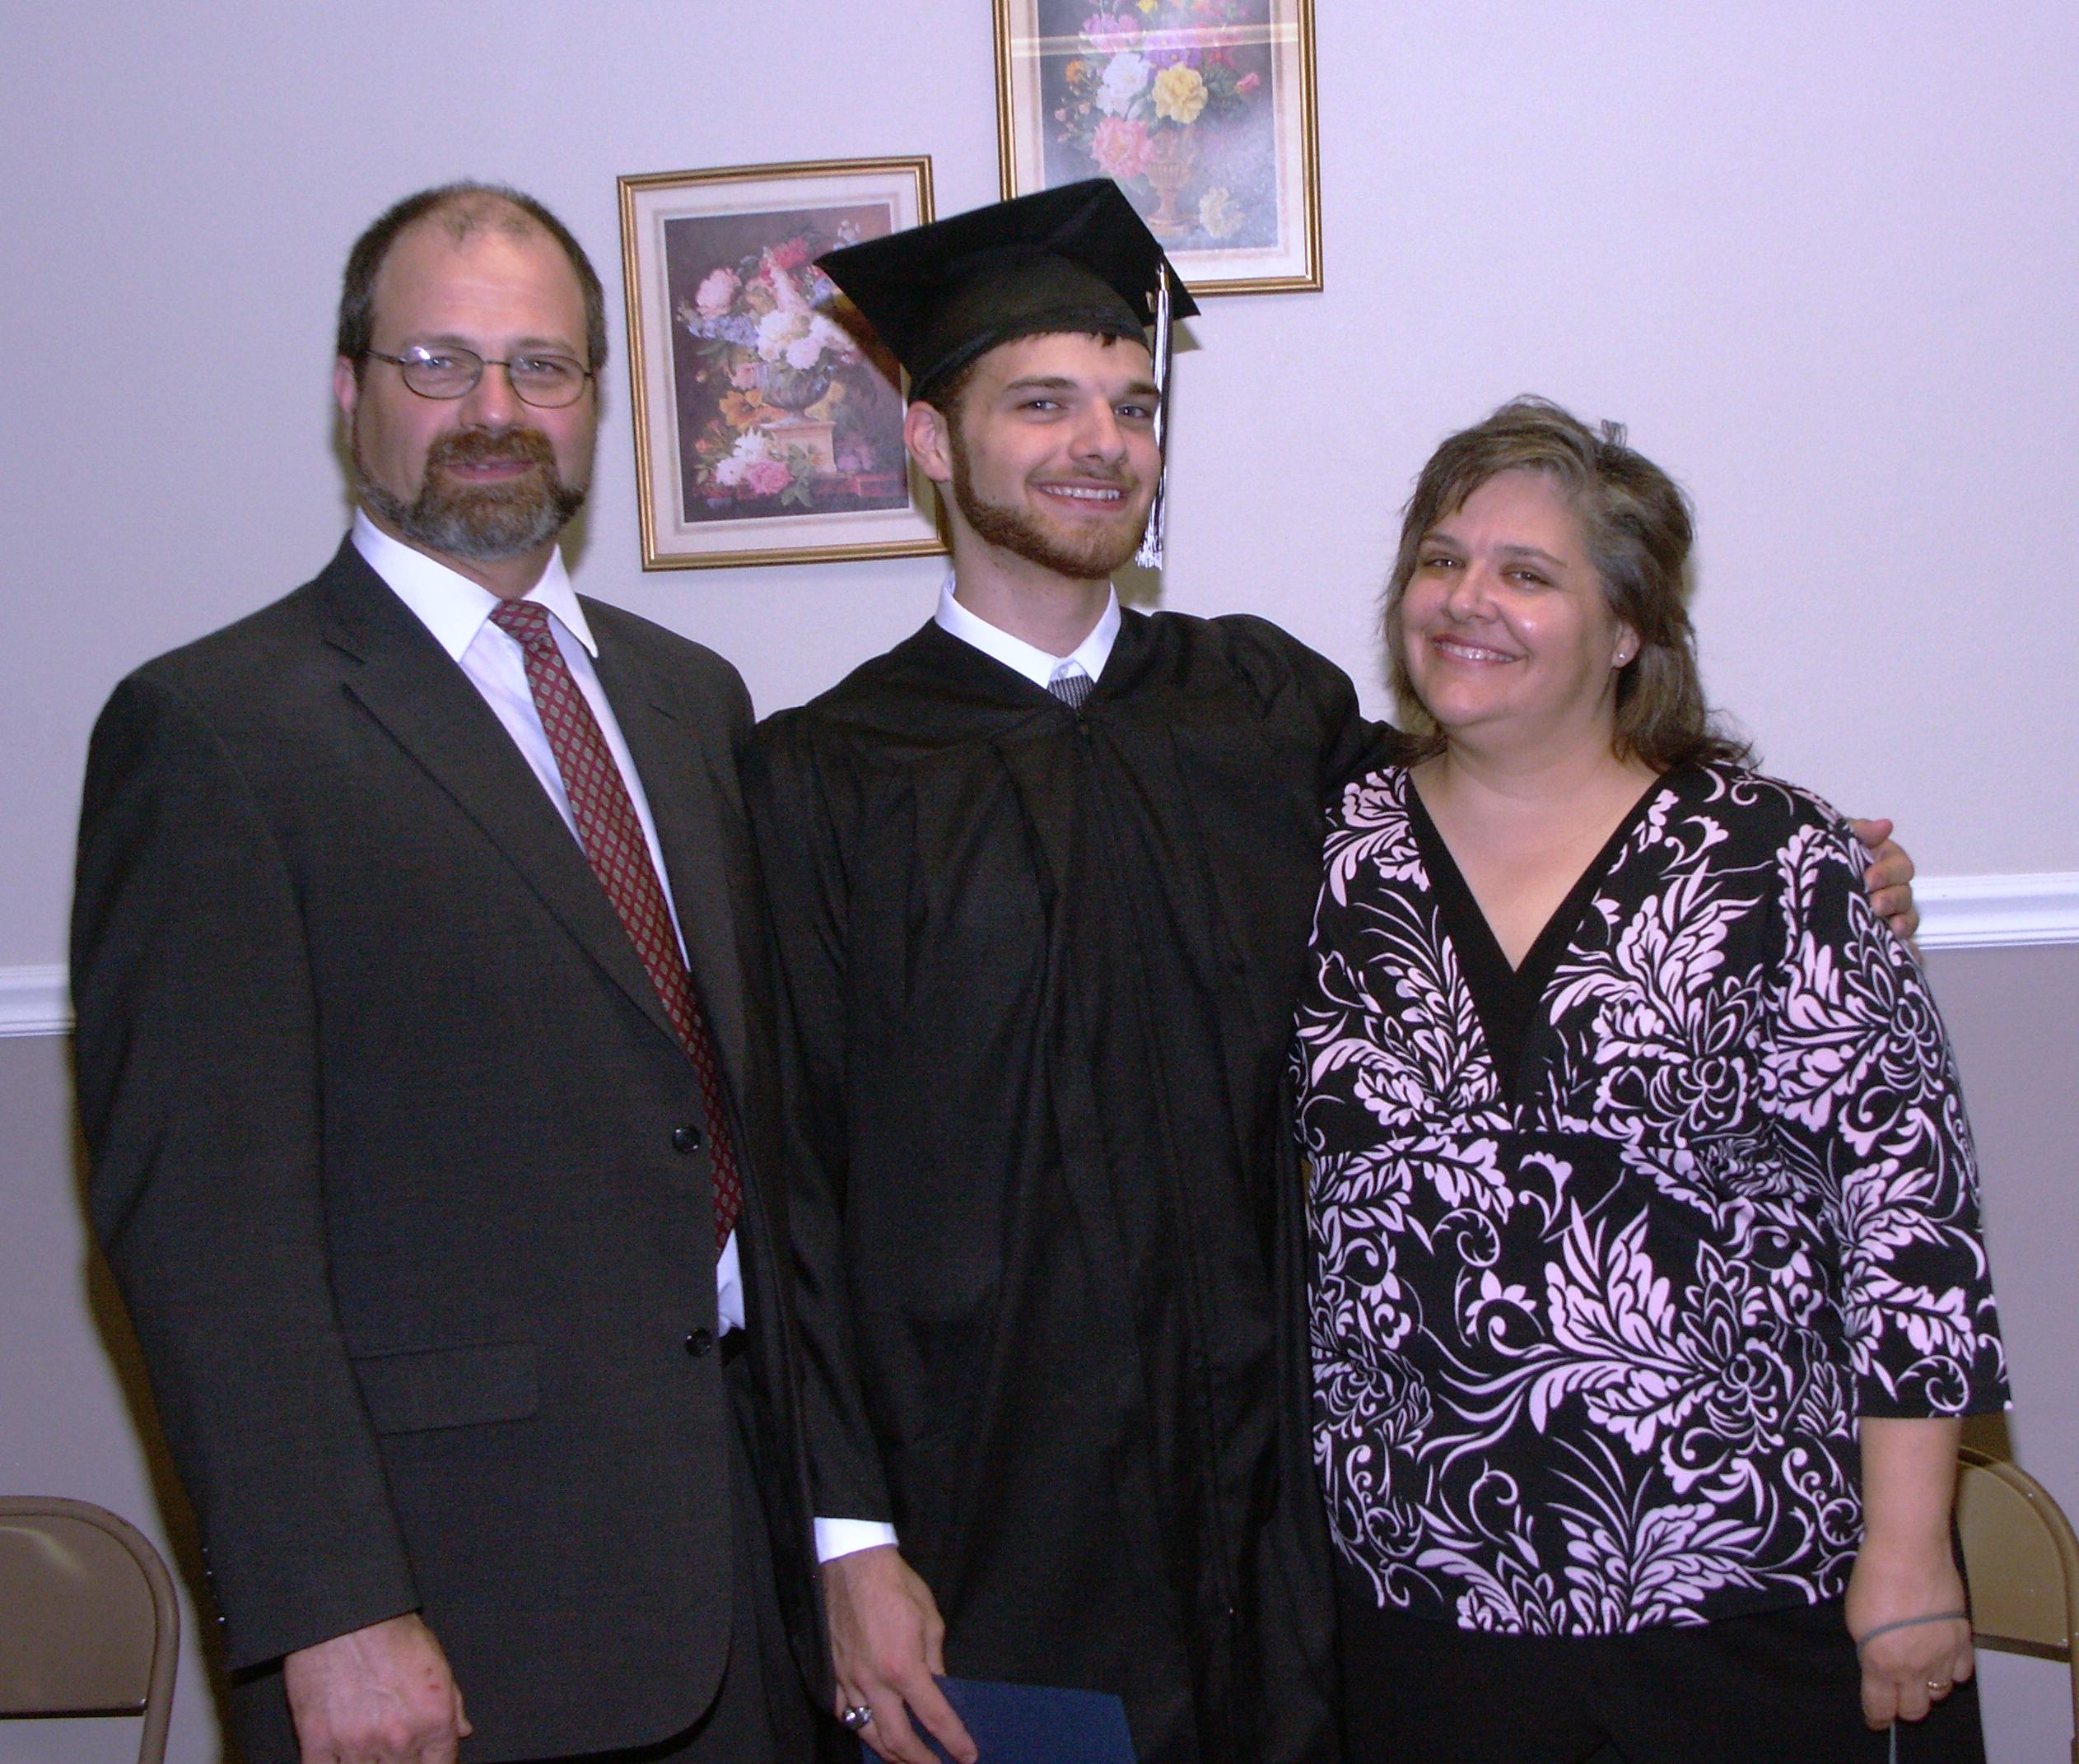 Kevin, Christian, & Karen Brummett